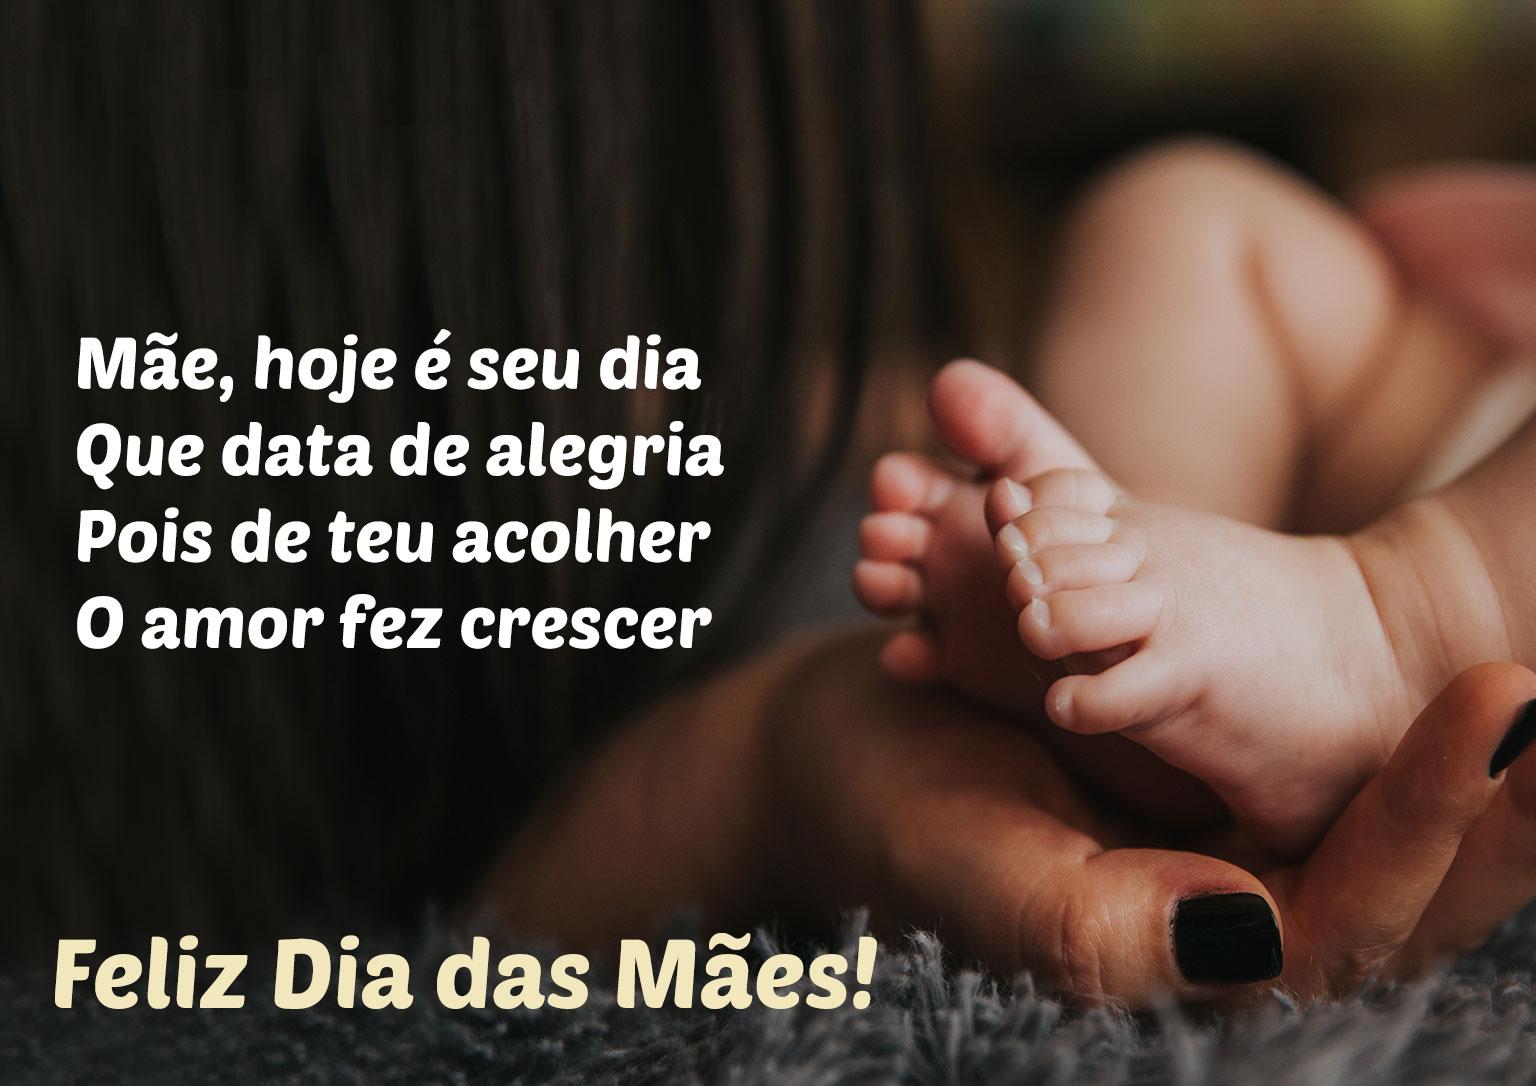 Mãe hoje é seu dia Feliz Dia das Mães